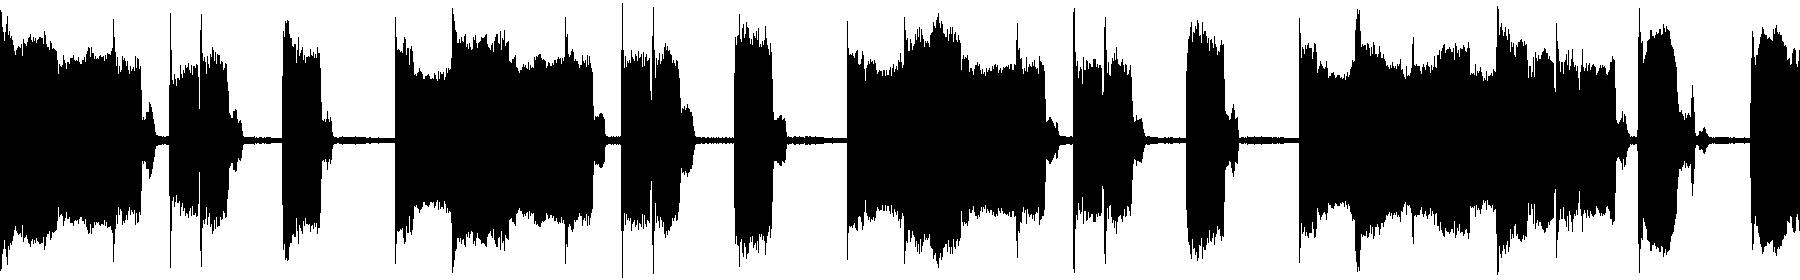 cymatics   vocal loop 3   128 dm